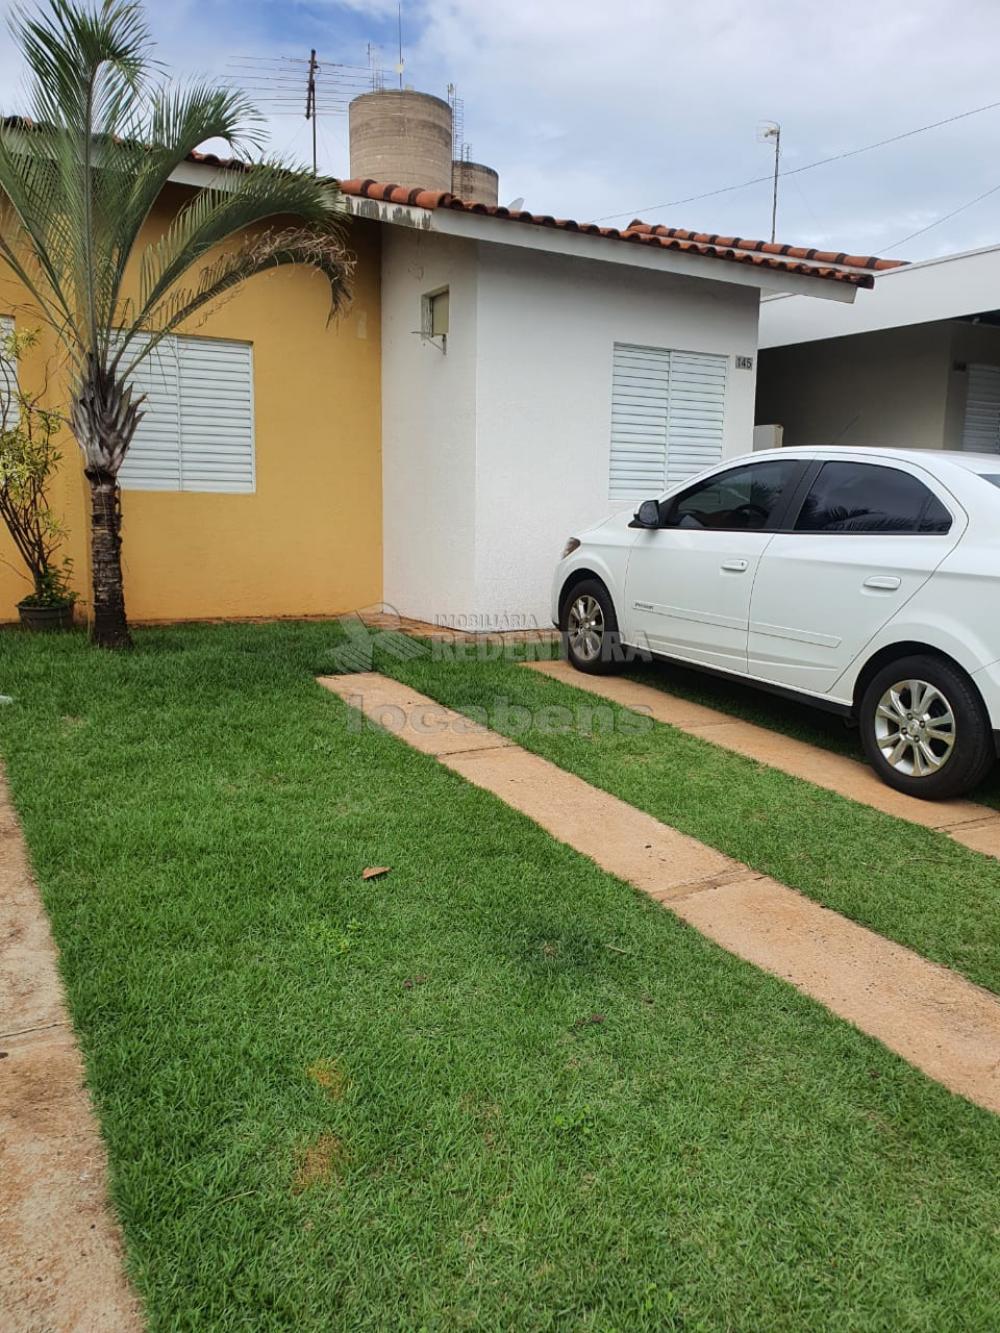 Alugar Casa / Condomínio em São José do Rio Preto R$ 1.100,00 - Foto 4